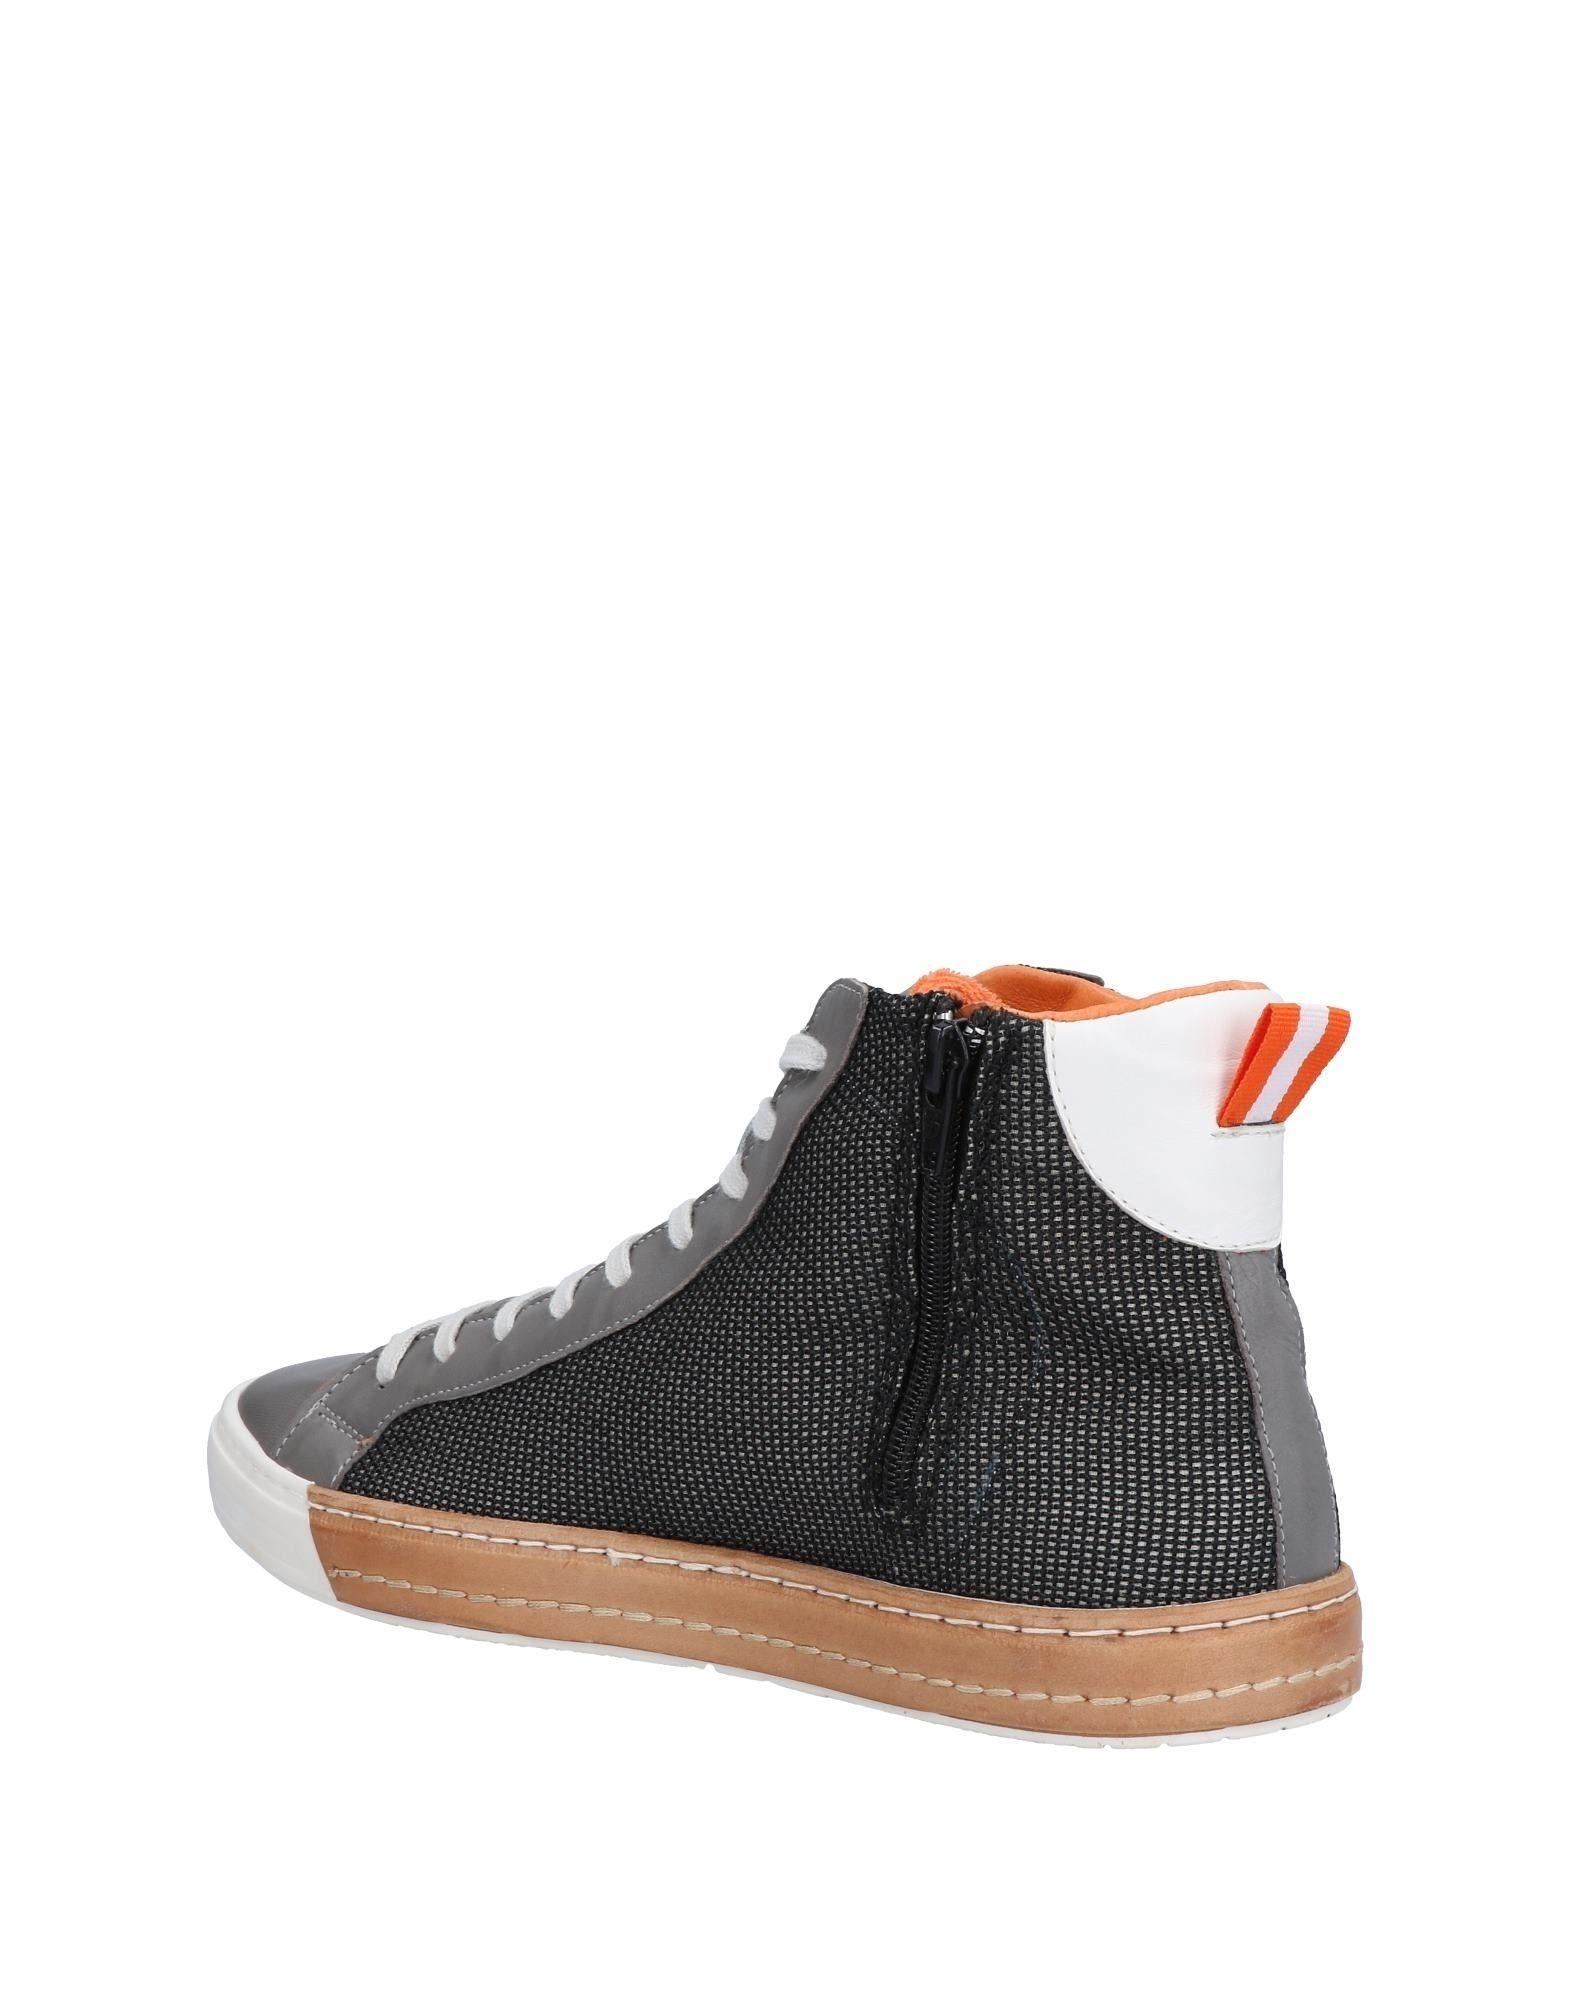 D.A.T.E. Sneakers Herren   Herren 11482480OQ Heiße Schuhe fea664